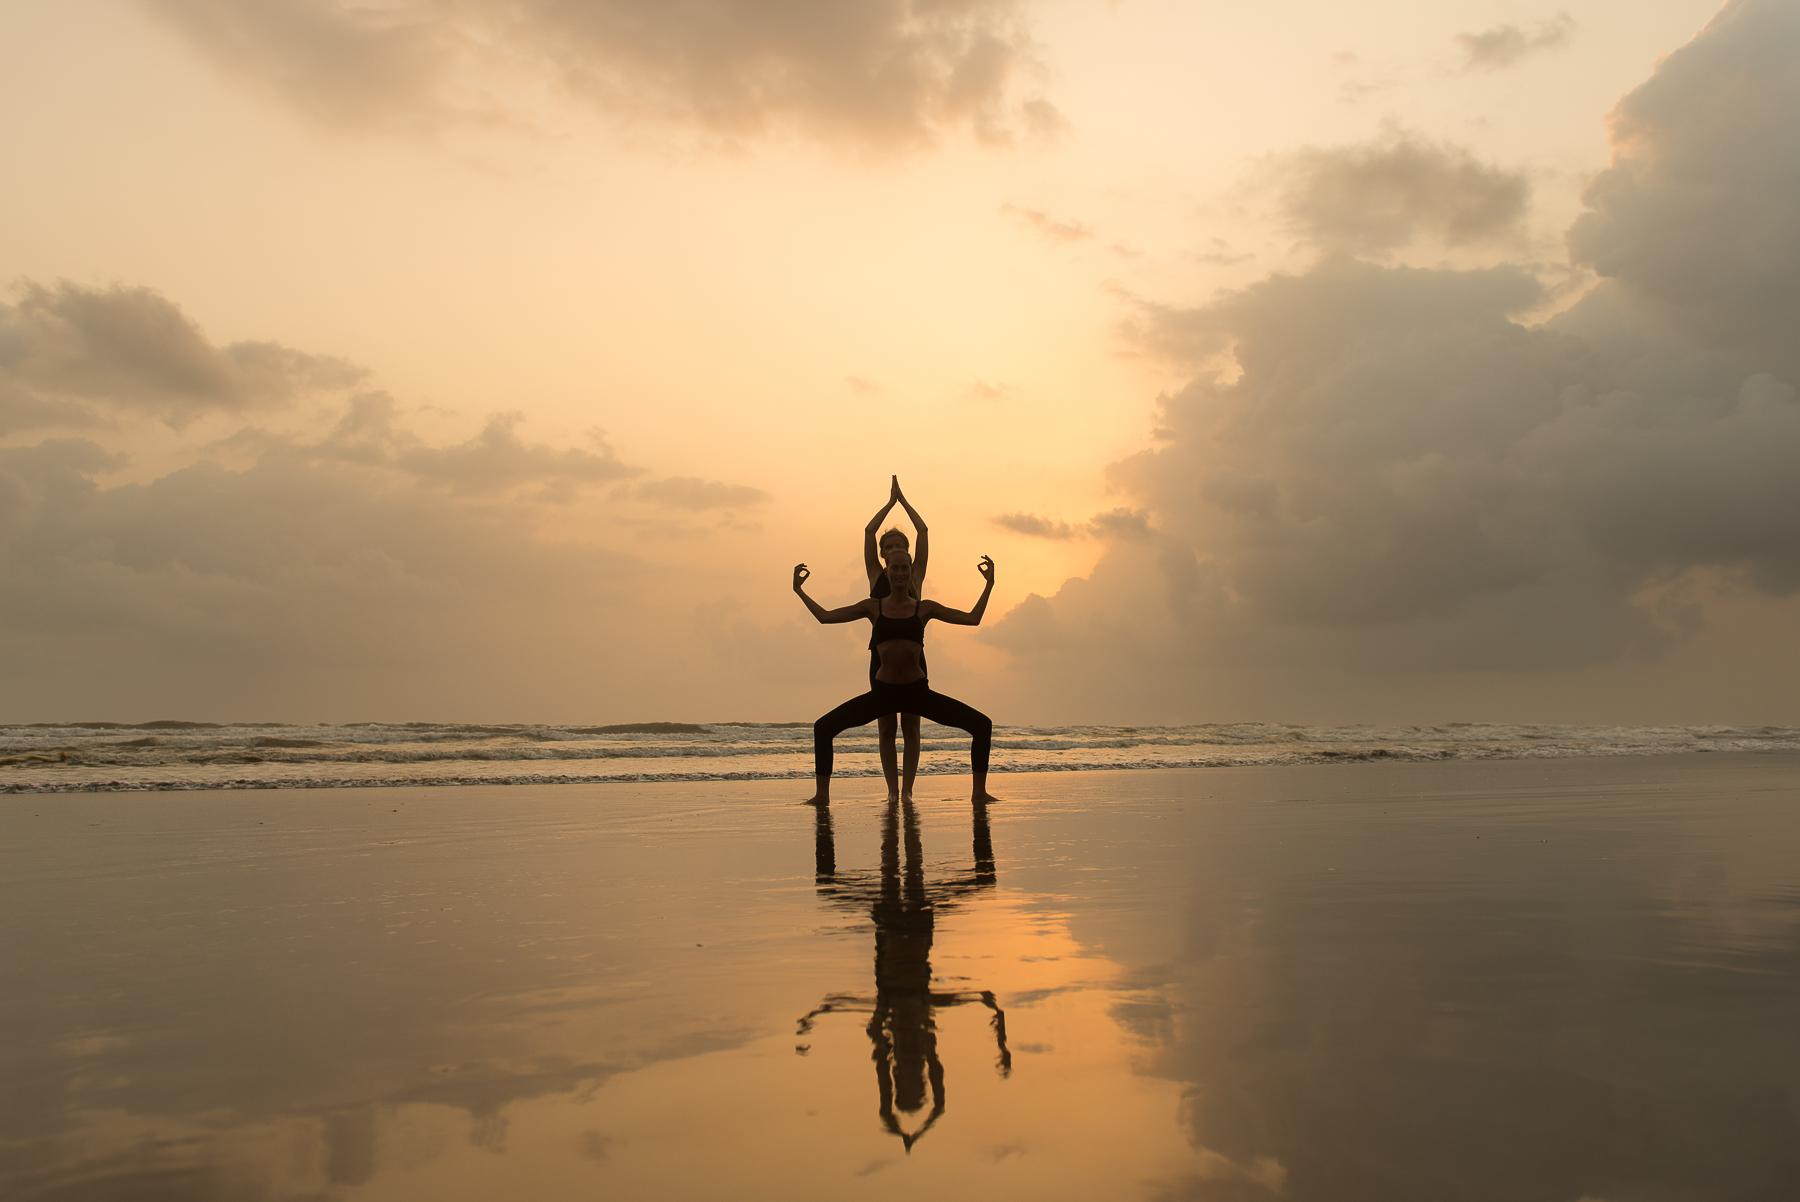 yoga on the beach 4 yin yoga ttc